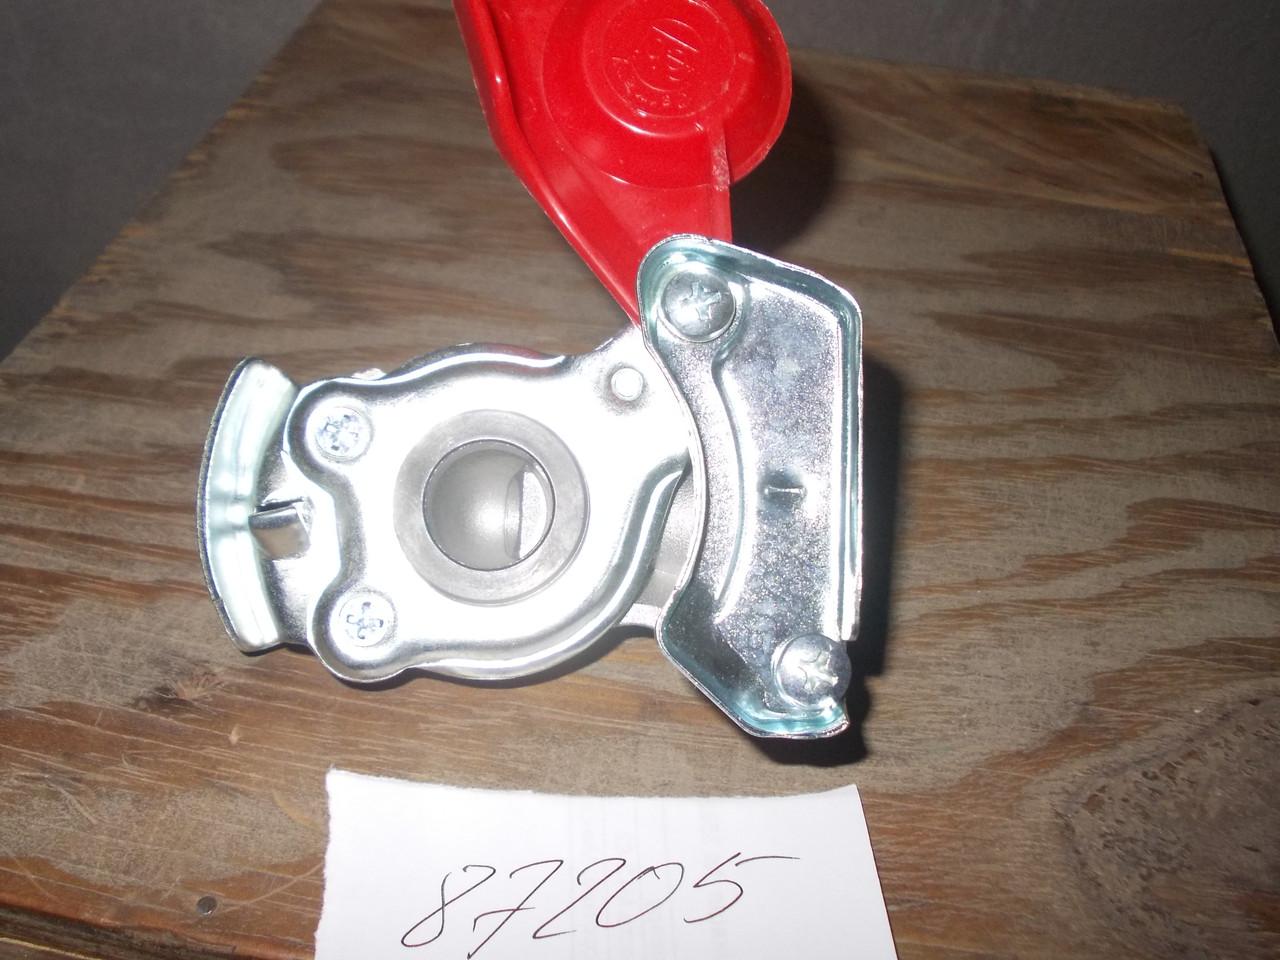 Евроразъем пневматики М22х1,5 (красный, без клапана), каталожный № 02.050.7102.000